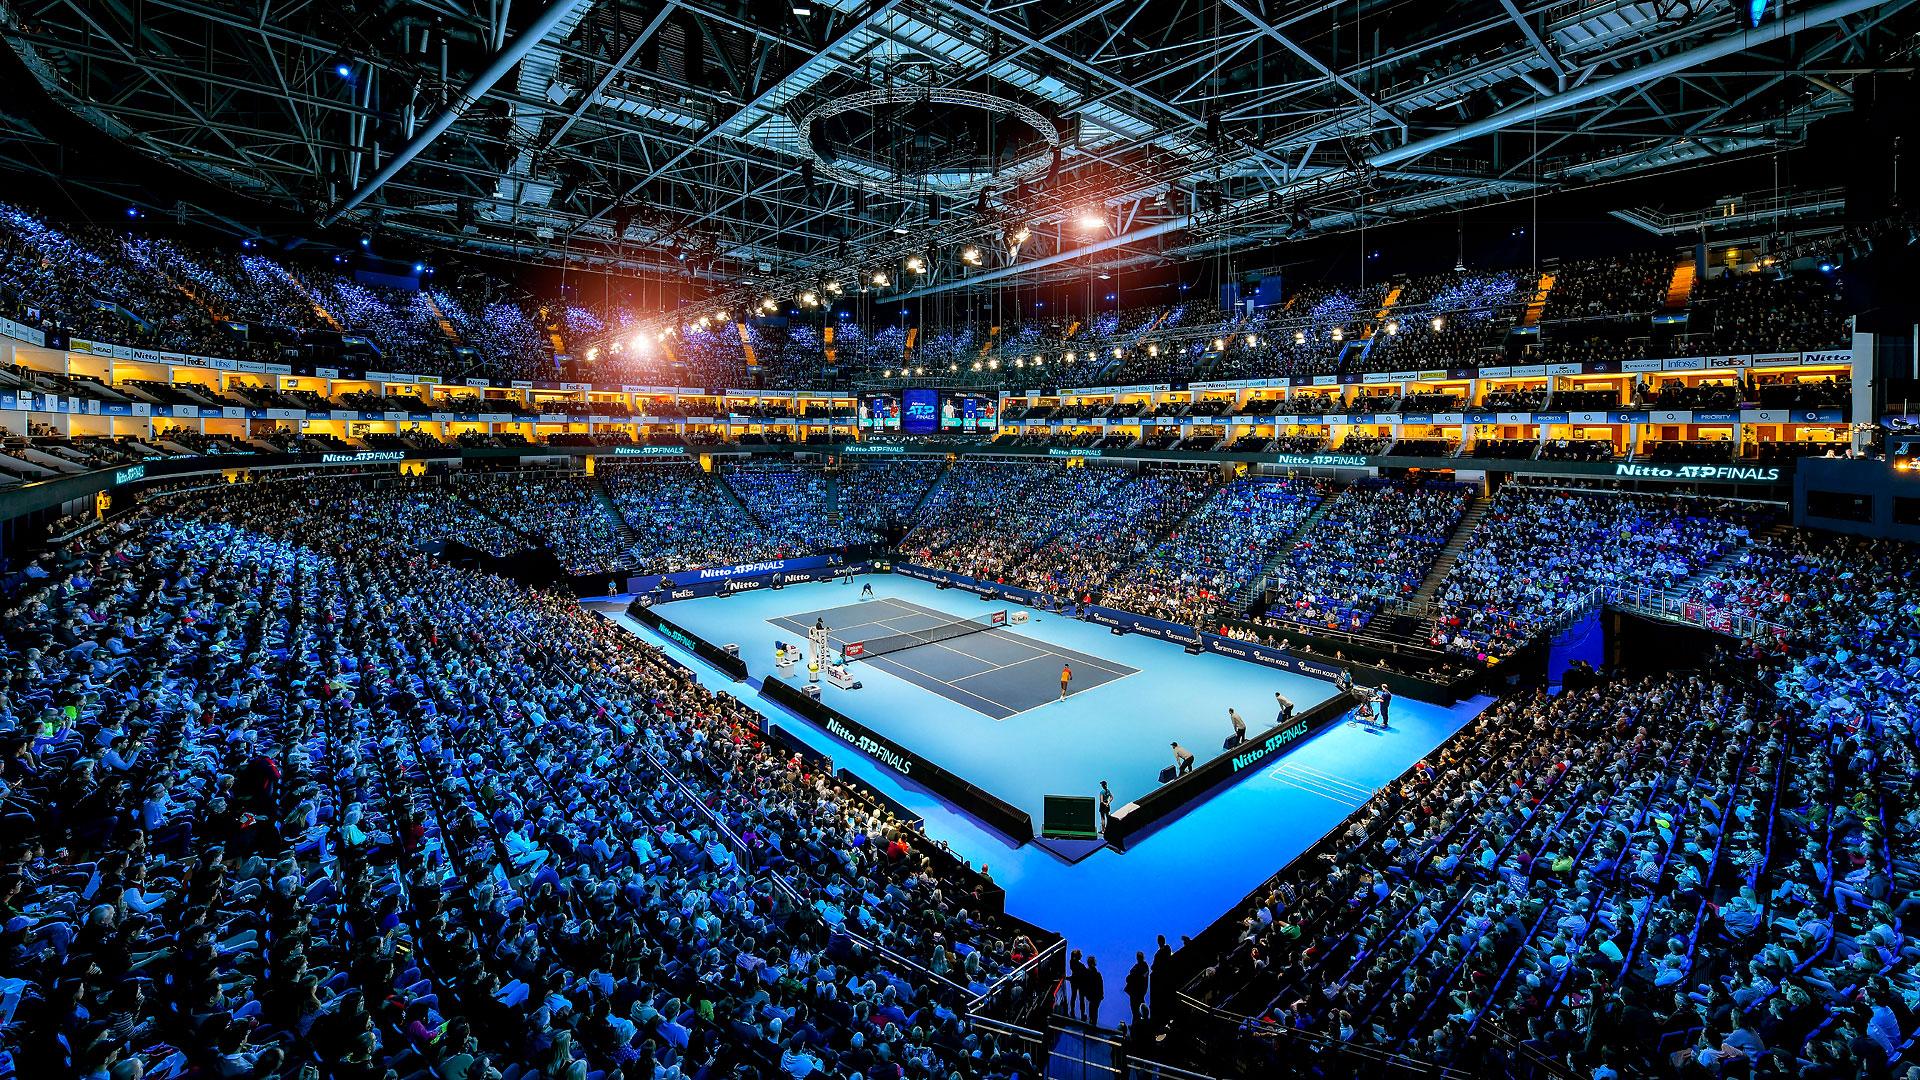 E' tutto pronto per le ATP Finals 2019